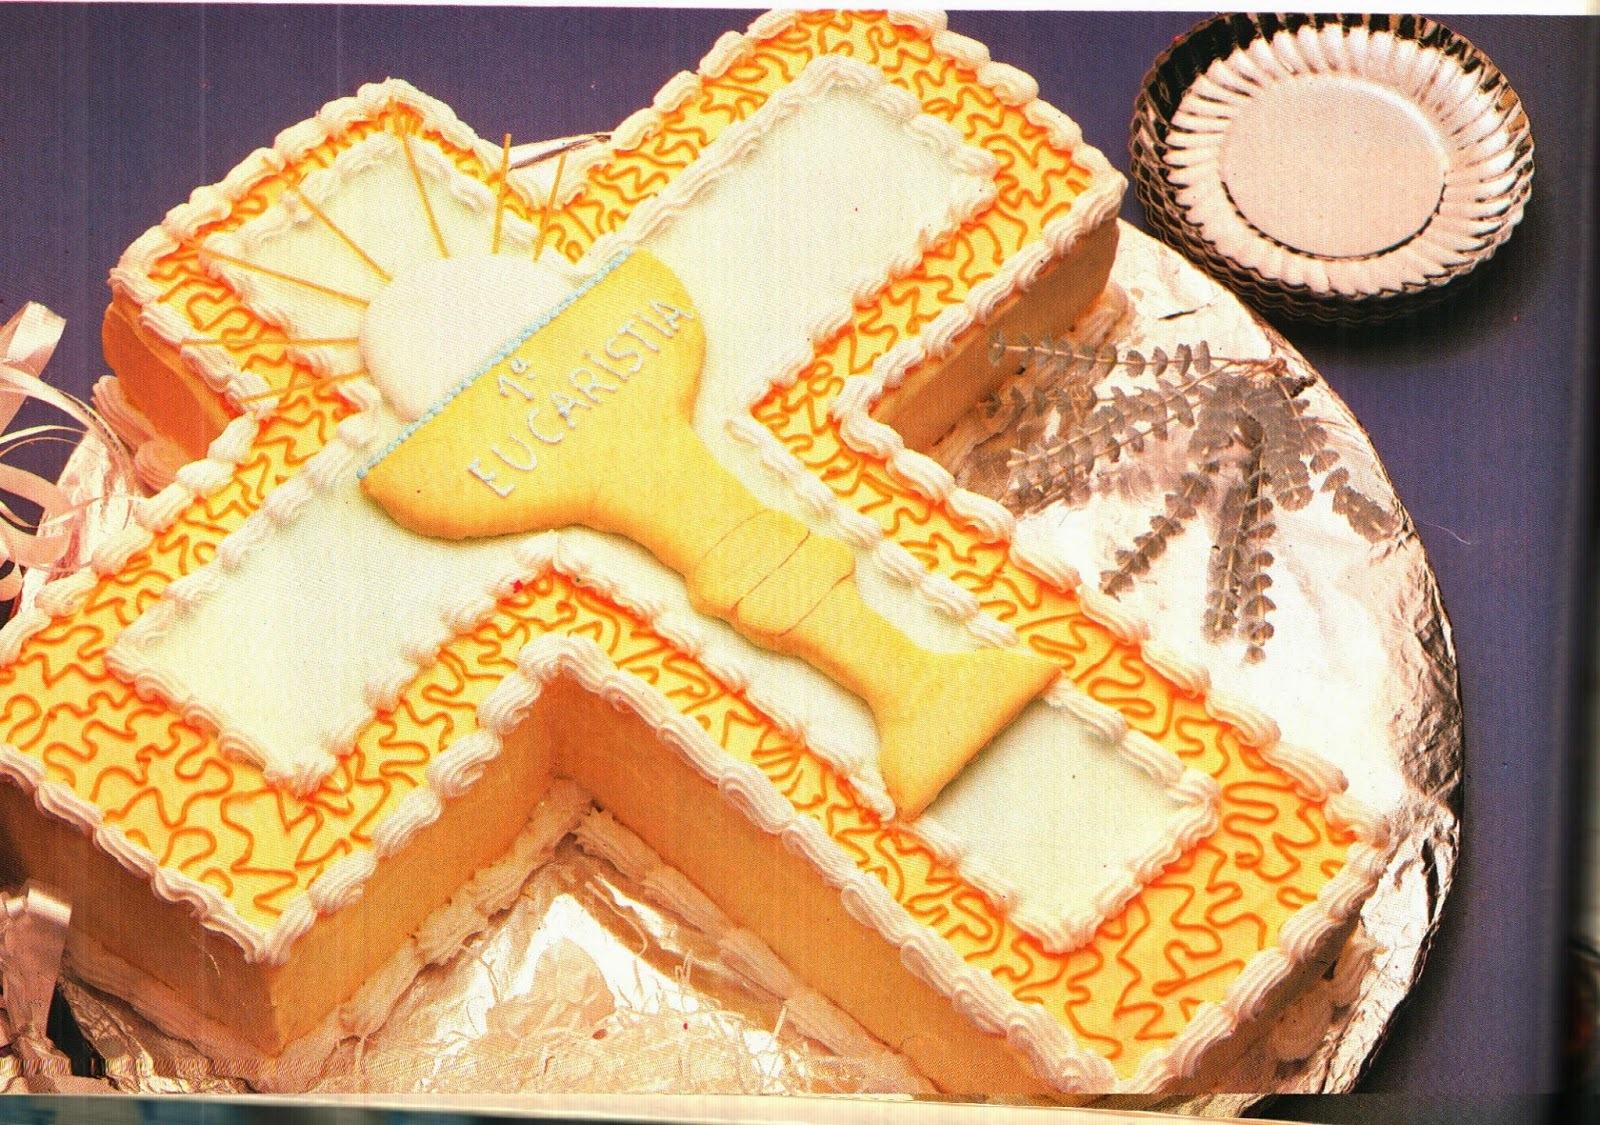 de glace para bolo com gordura hidrogenada